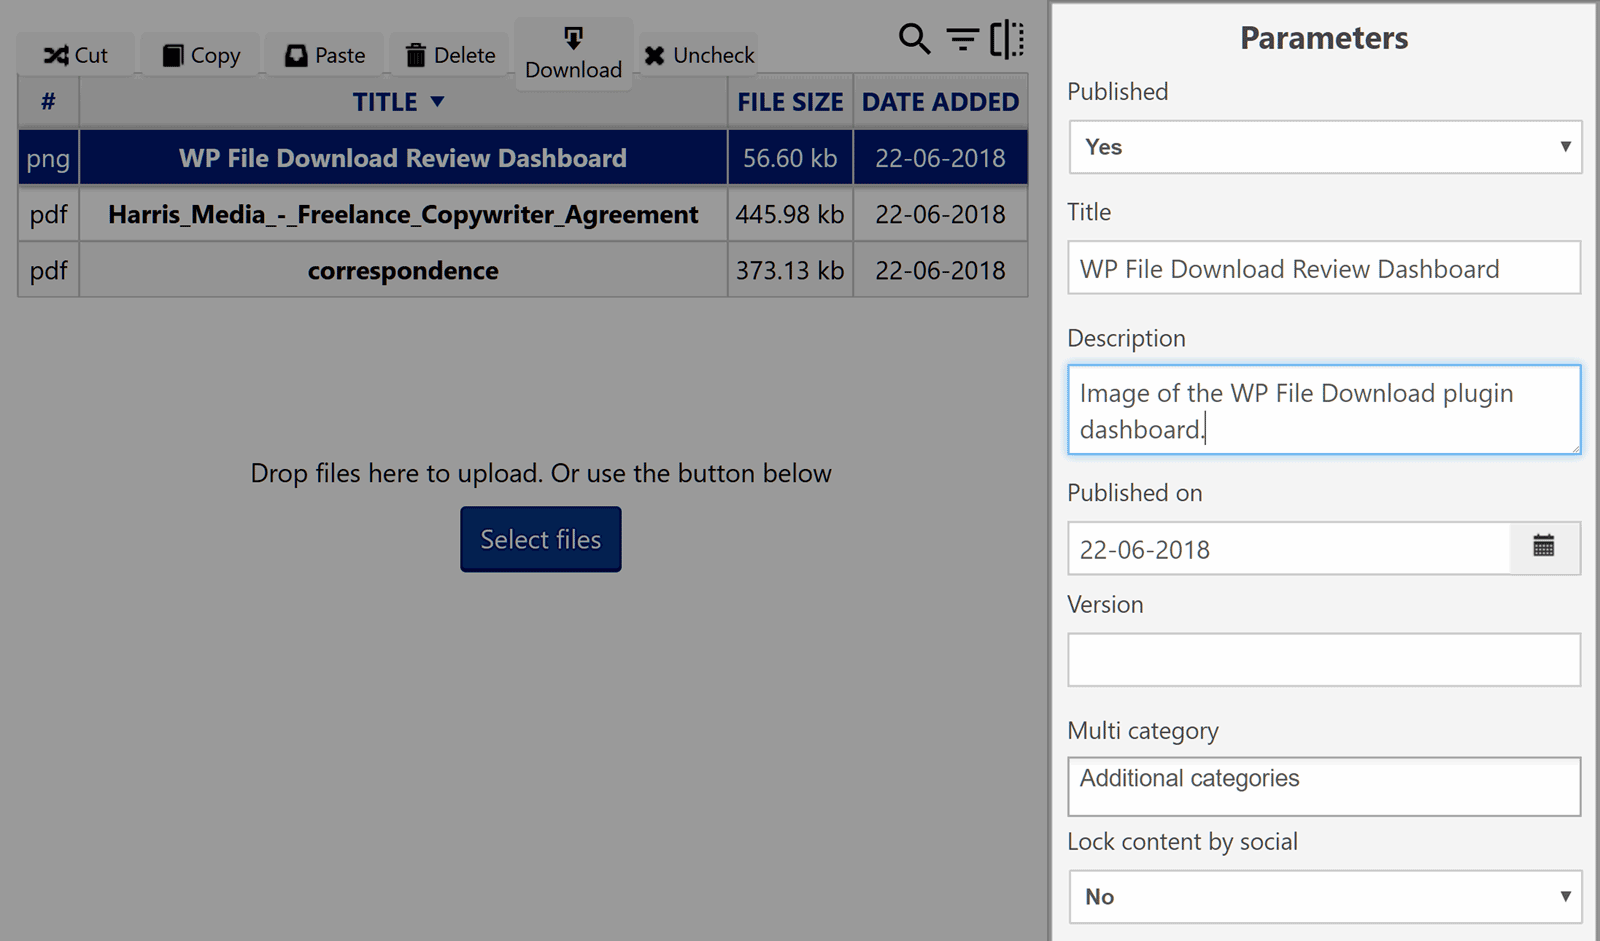 File Parameters